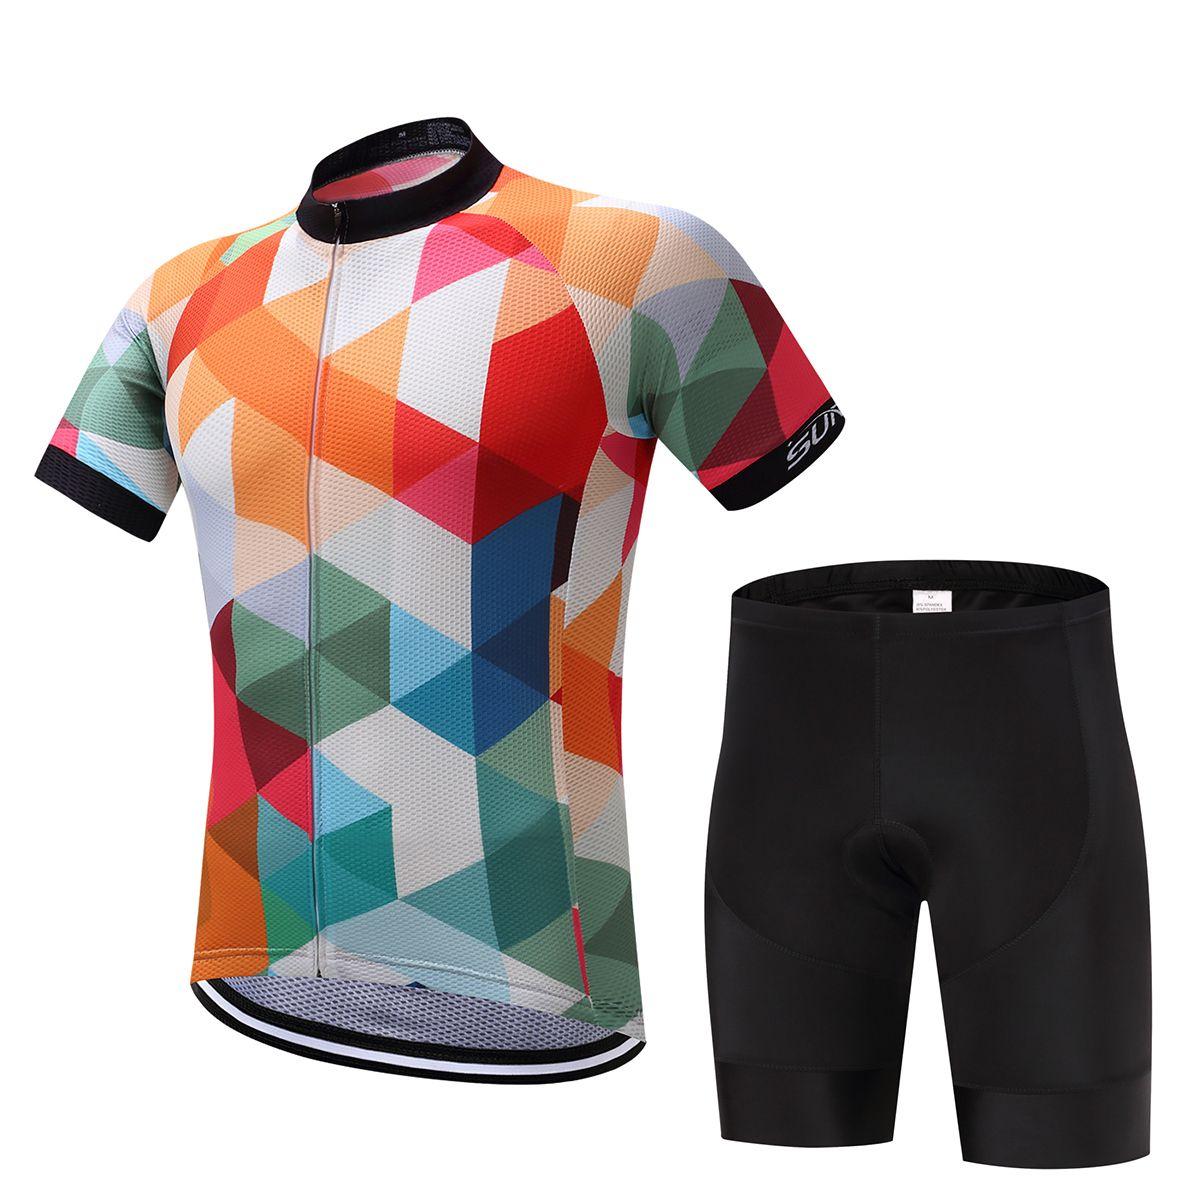 Maglia da ciclismo Abbigliamento da bici Mtb Abbigliamento da bici Abbigliamento corto Maglia da ciclista Maillot Roupa Ropa De Ciclismo Hombre Verano